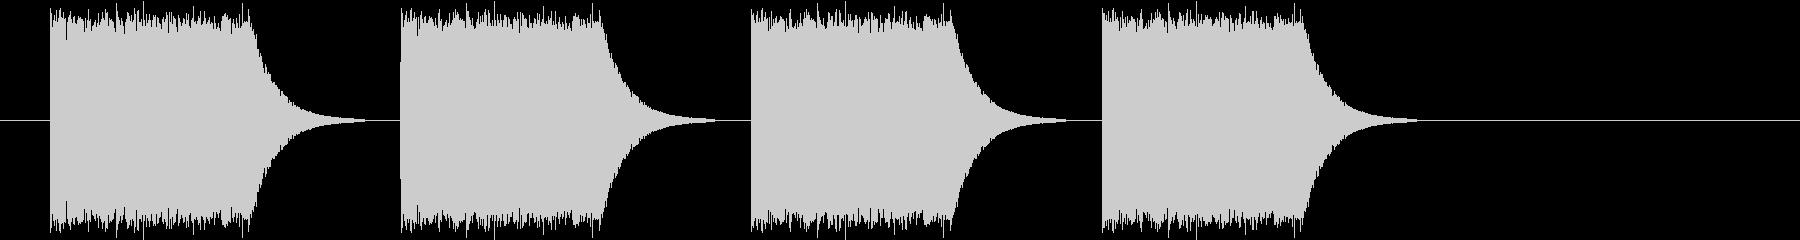 ギュイーン(サイレン、アラーム音)の未再生の波形